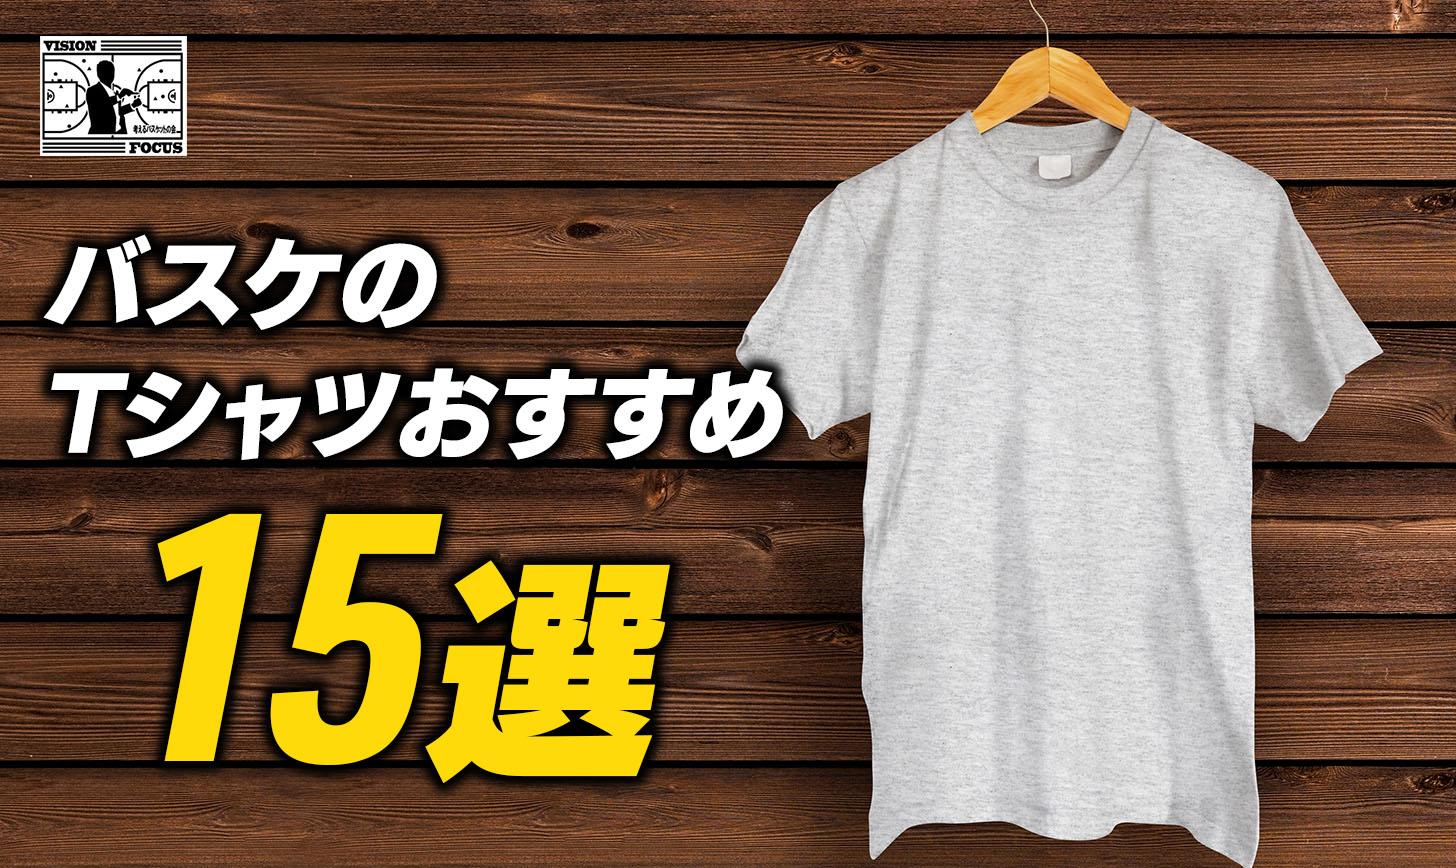 【完全版】バスケのTシャツおすすめ15選!Tシャツ選びの3つのポイントを解説!